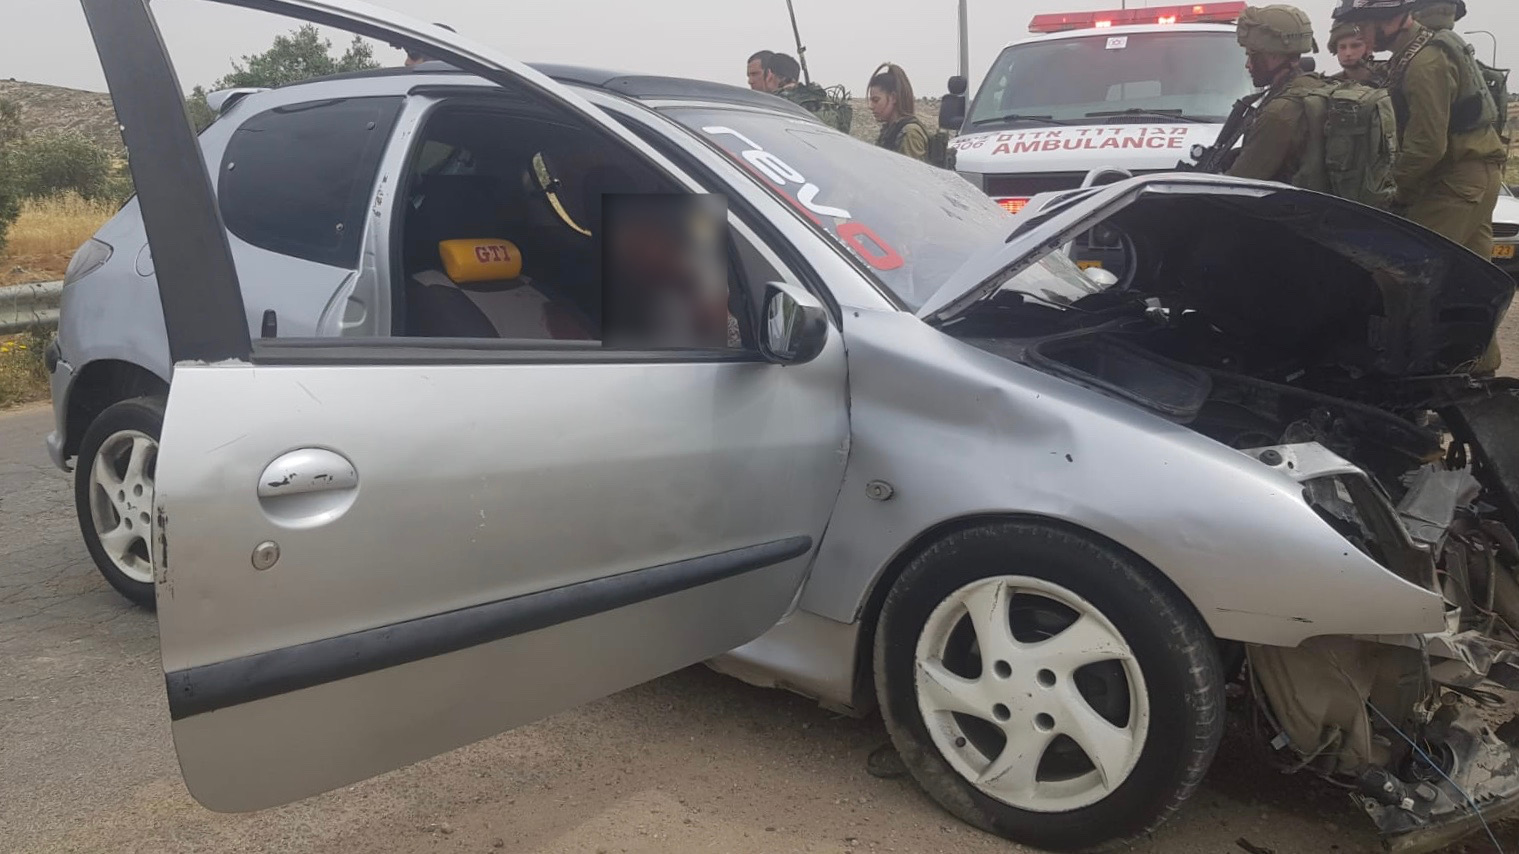 חייל נפצע בינוני-קשה בפיגוע דריסה סמוך לנהוגות – המחבל חוסל